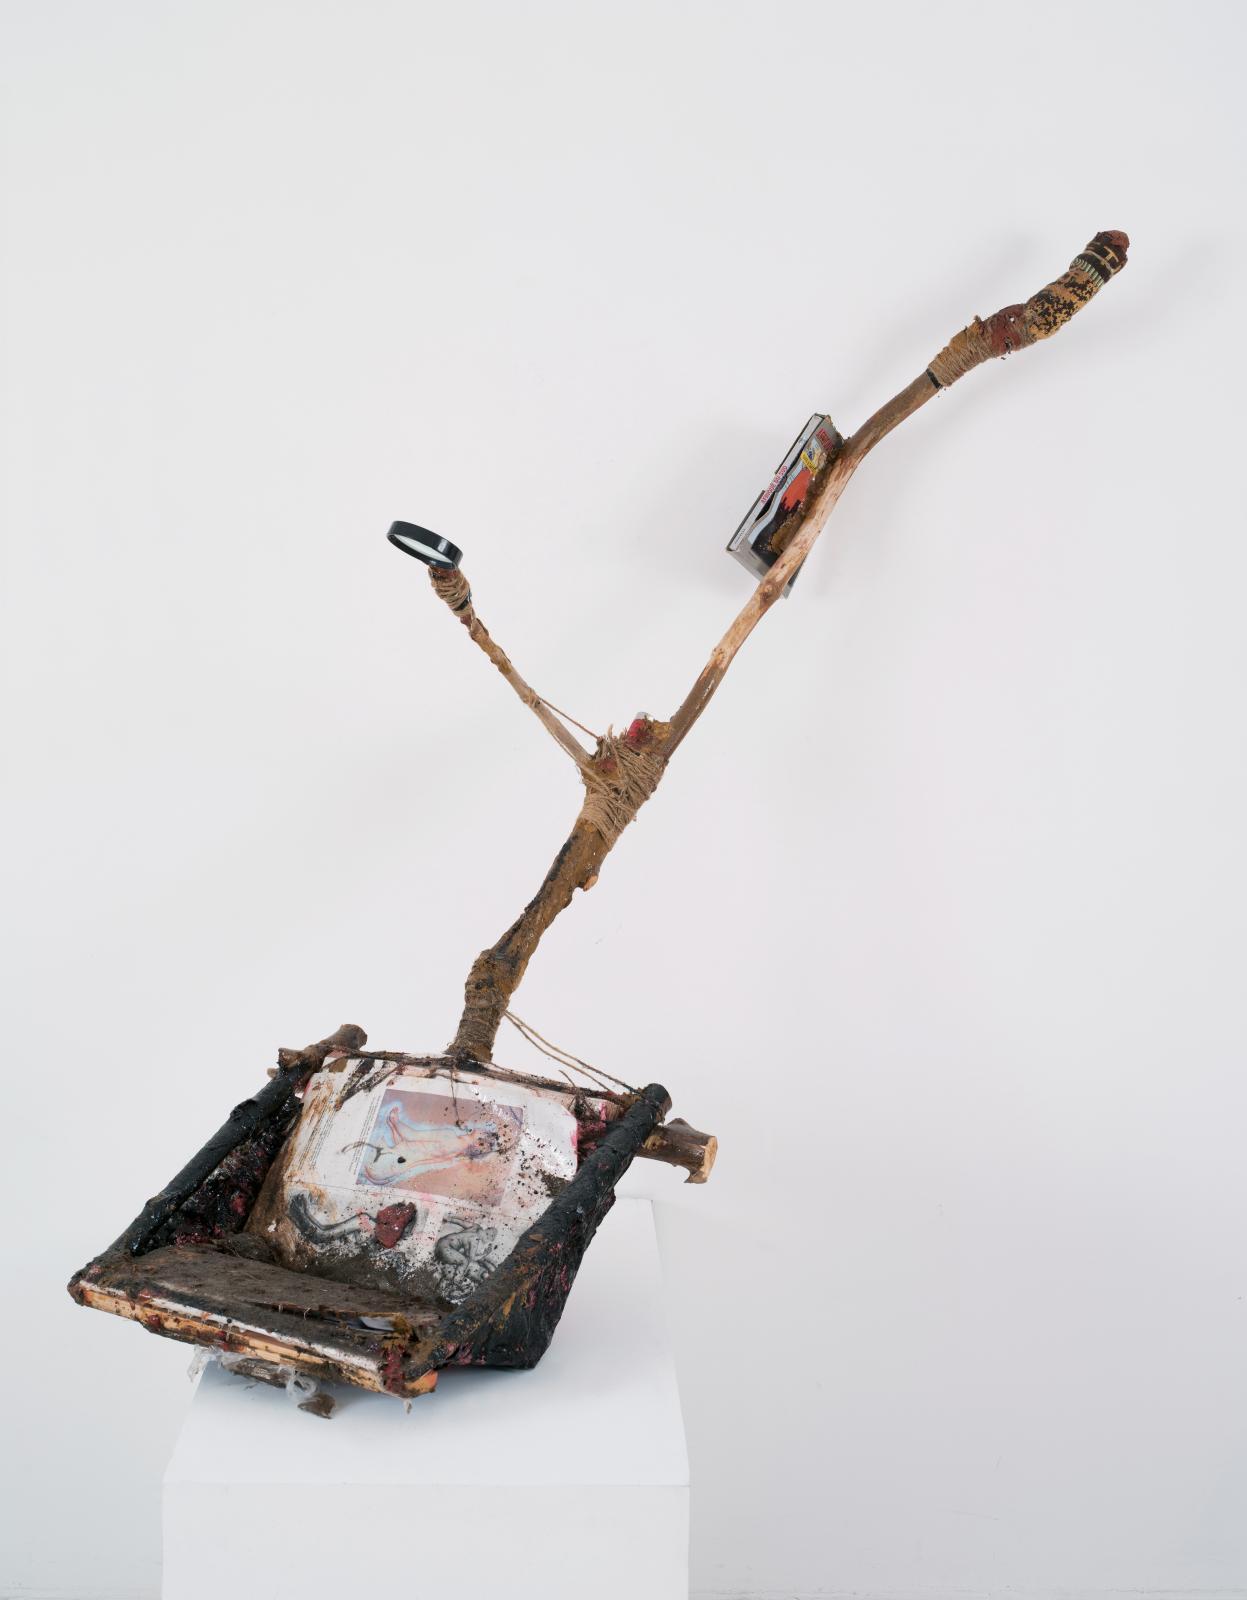 Reading Shovel, 2015, technique mixte, 153x52x48cm. © Bertrand HUET/TUTTI IMAGE. Courtesy de l'artiste et Galerie Nathalie Obadia, Paris/Bruxelle